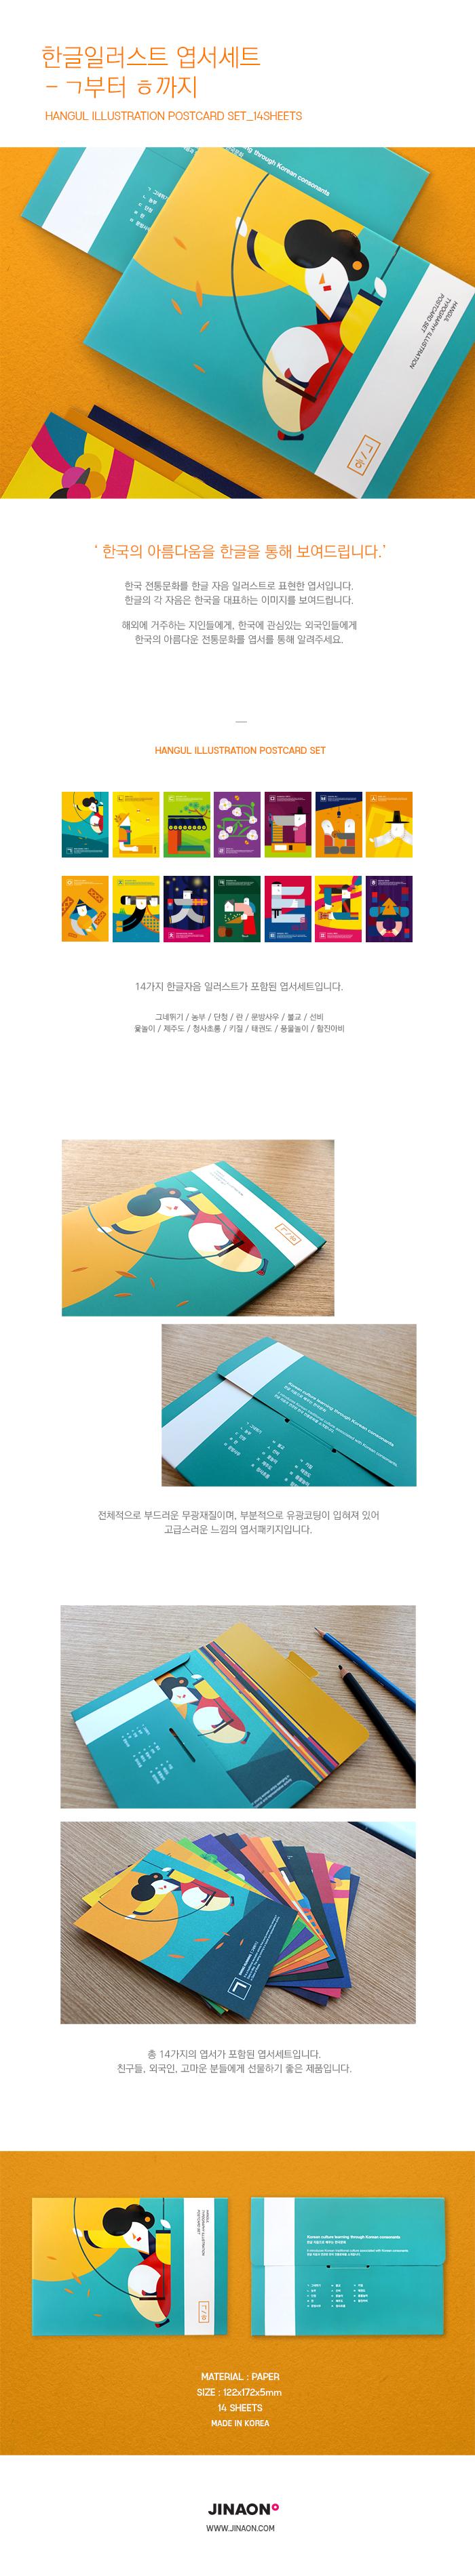 한글일러스트 엽서세트-14매10,000원-지나온디자인문구, 카드/편지/봉투, 엽서, 엽서세트바보사랑한글일러스트 엽서세트-14매10,000원-지나온디자인문구, 카드/편지/봉투, 엽서, 엽서세트바보사랑